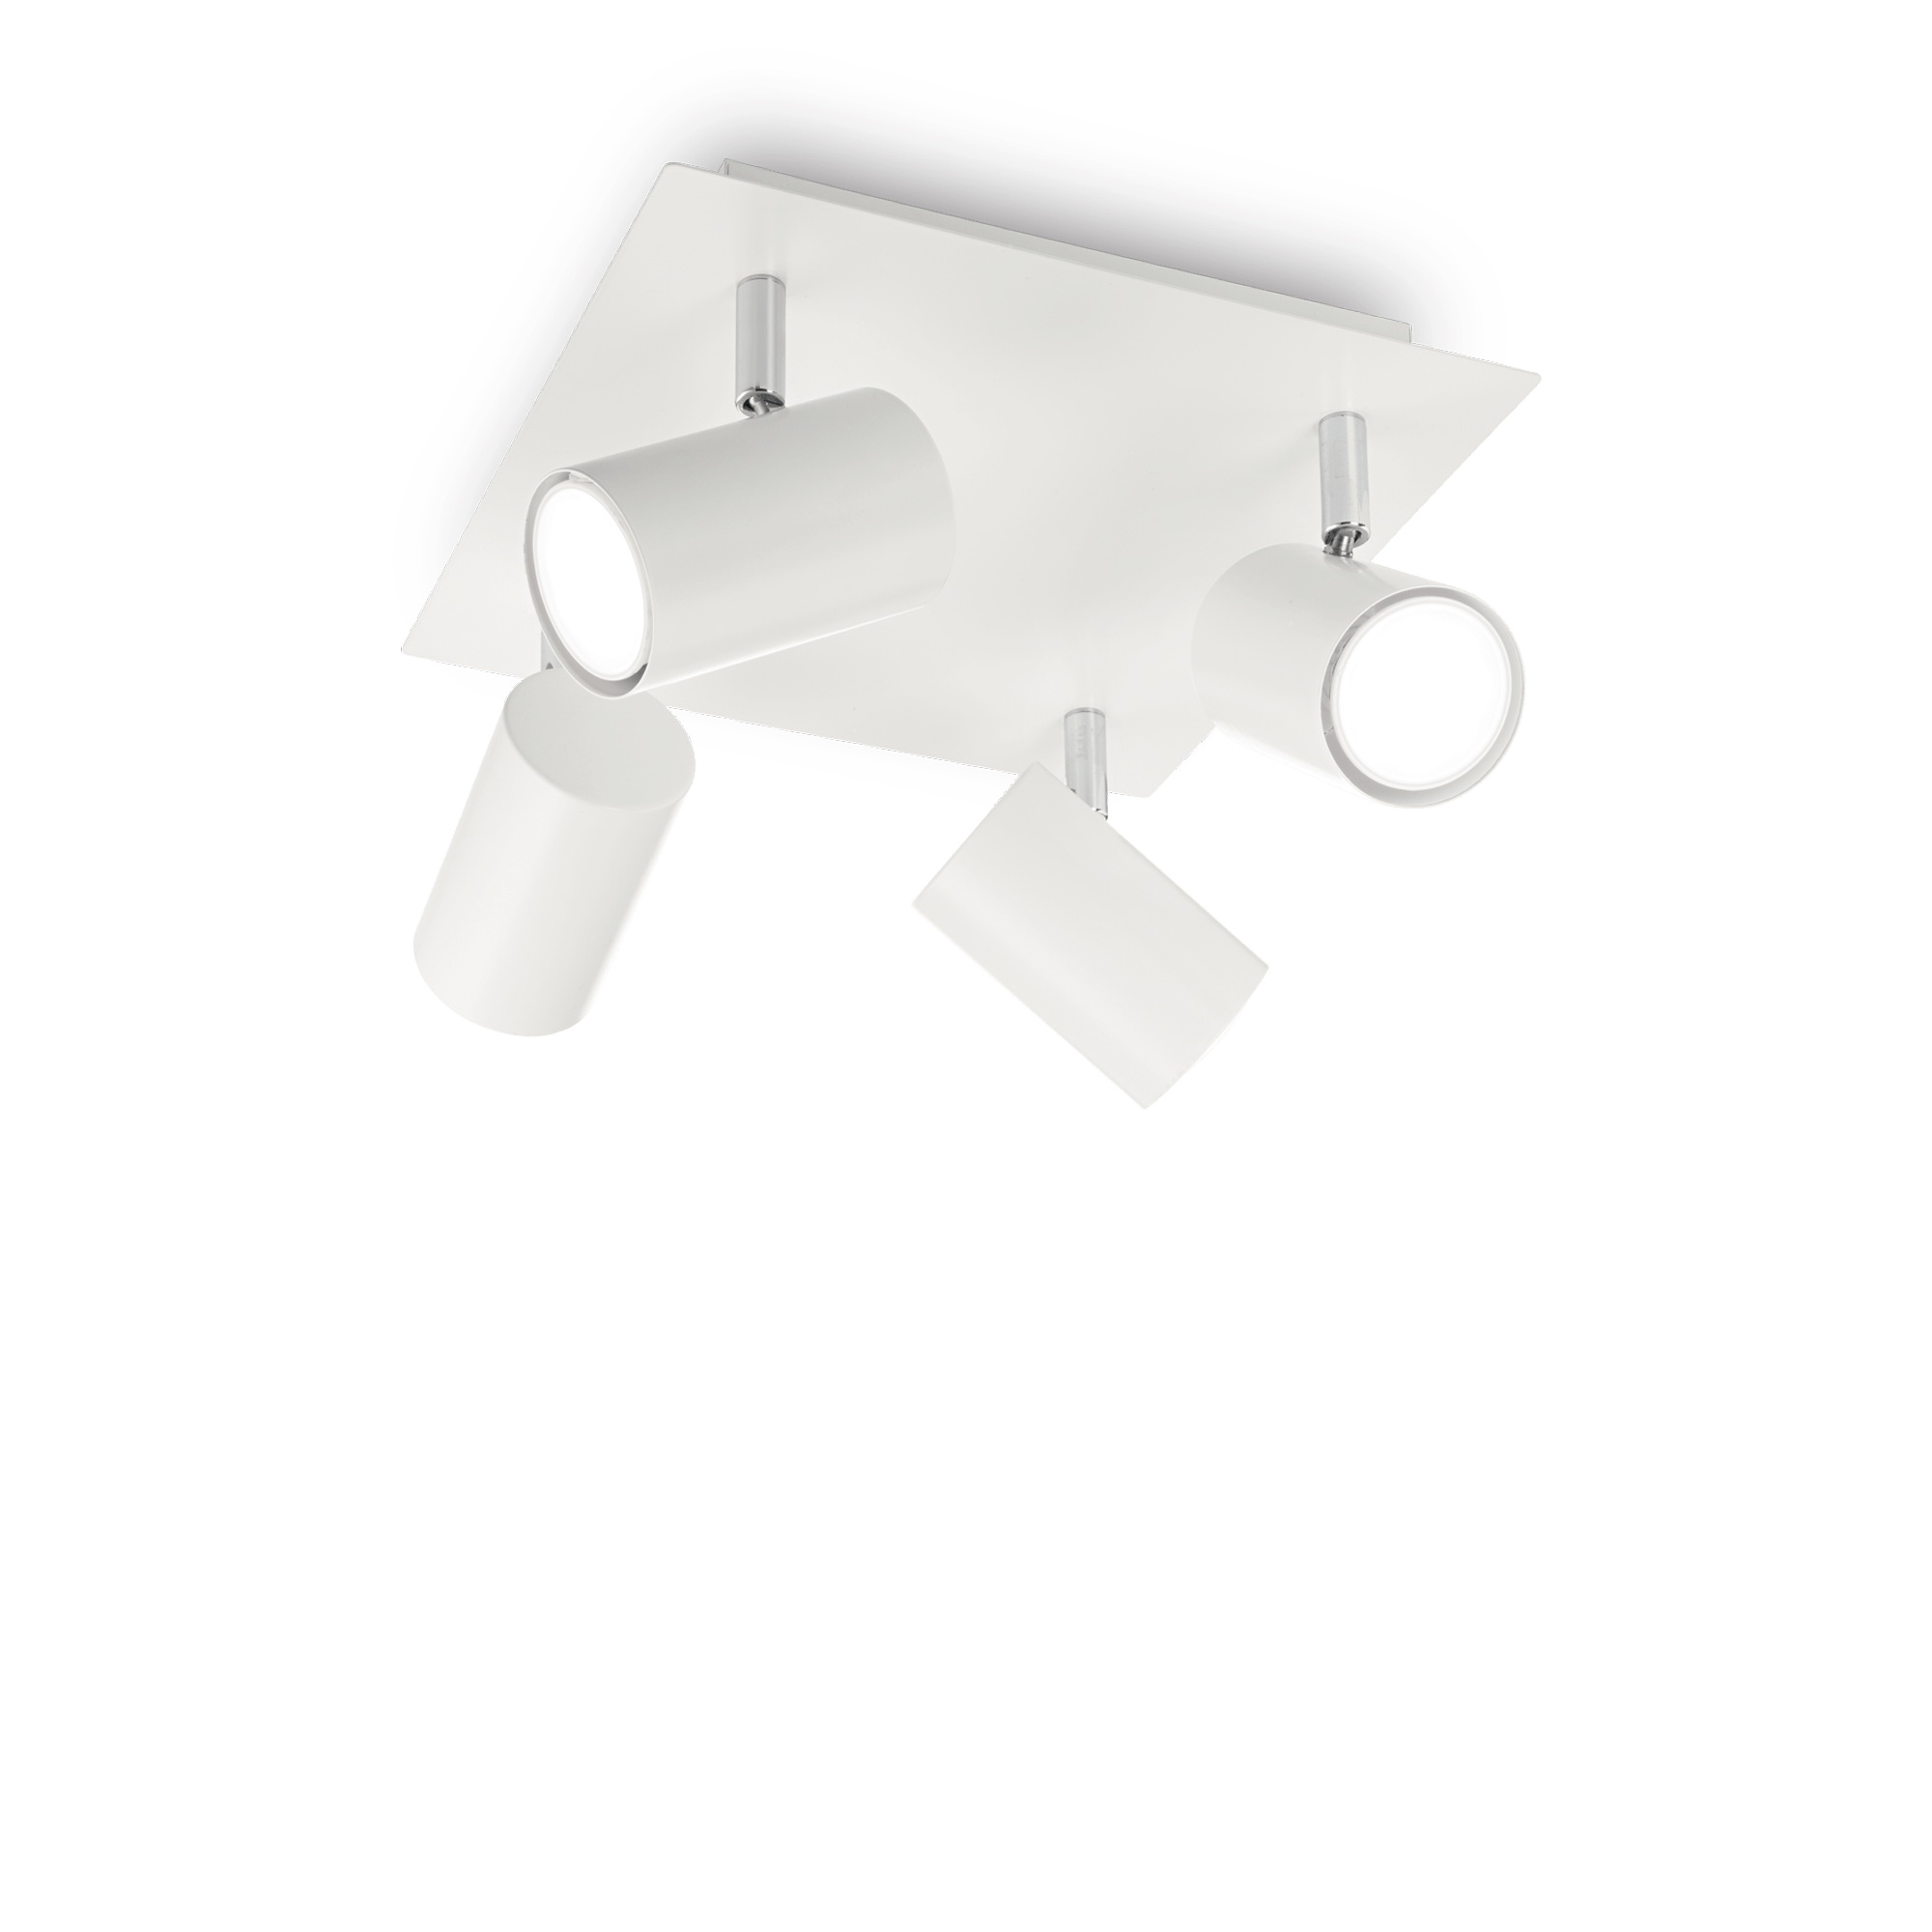 SPOT PL4 BIANCO потолочный светильник белый